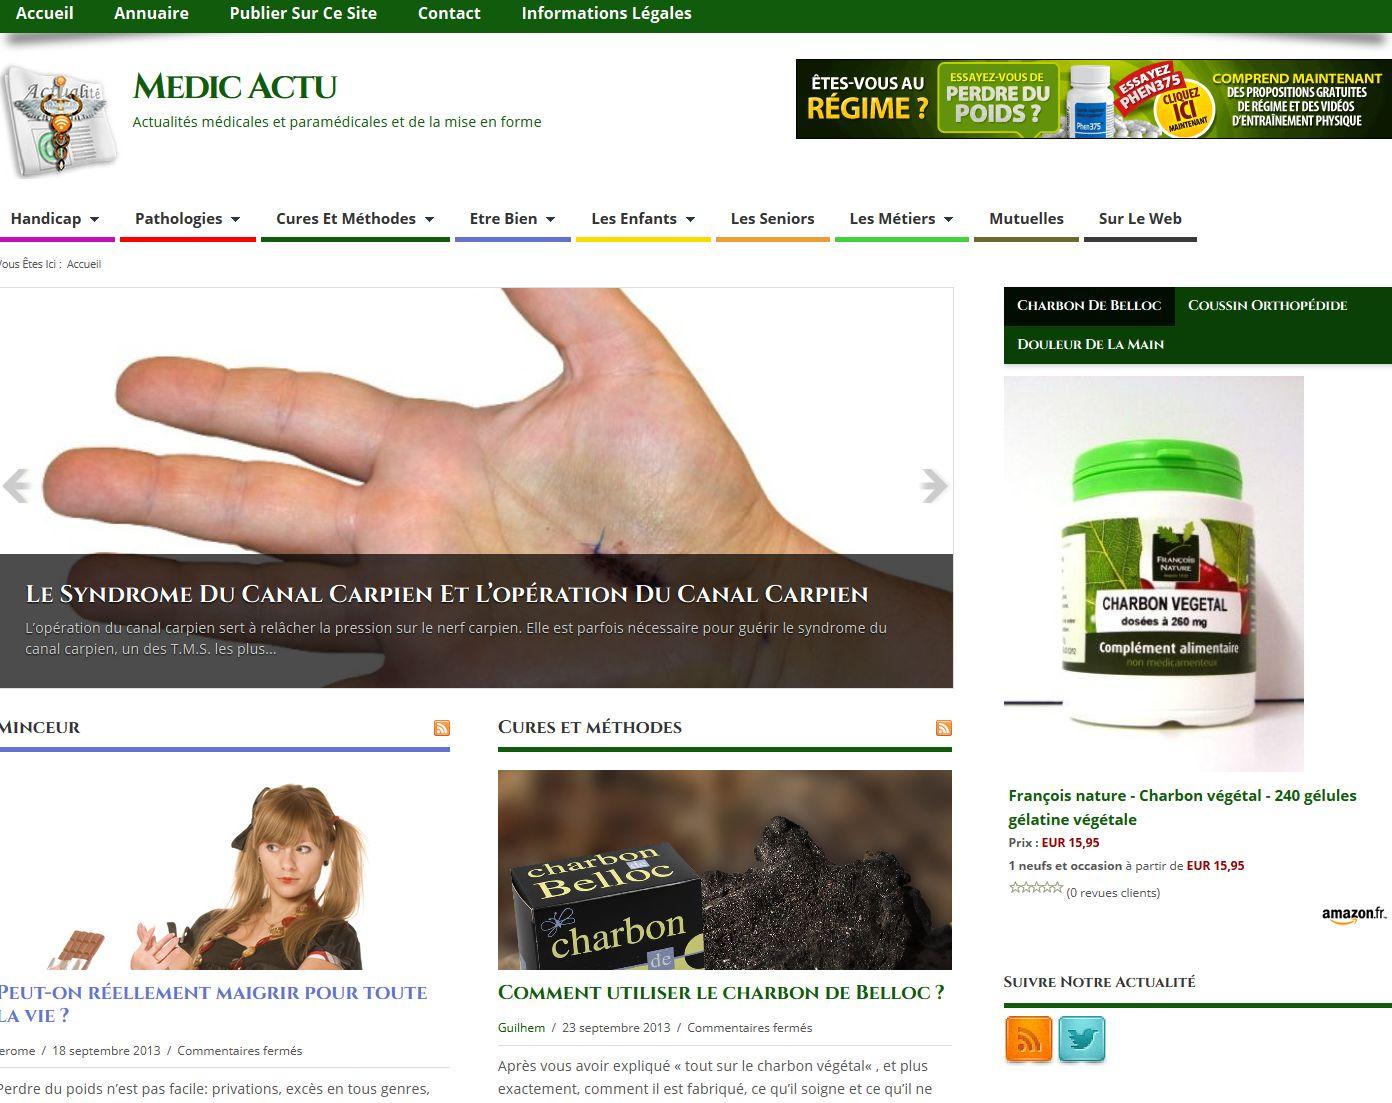 Site annuaire santé